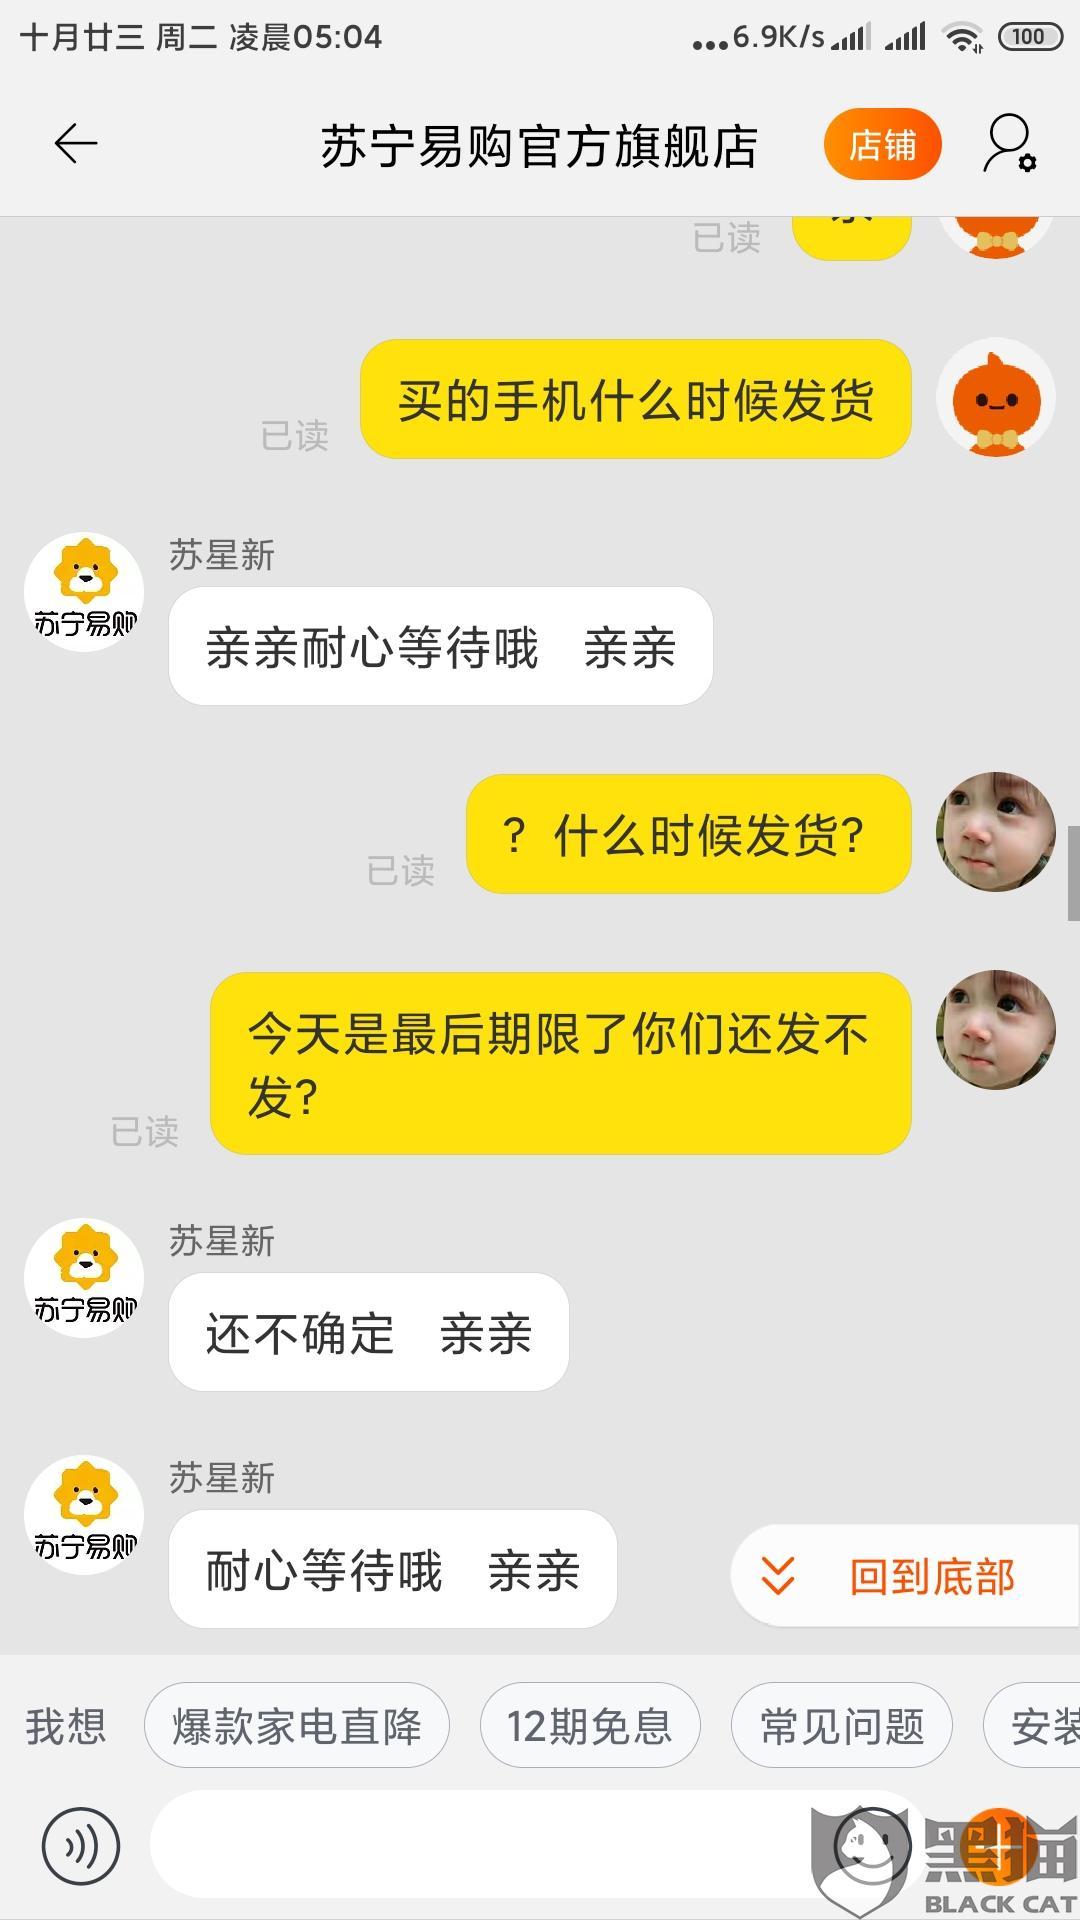 黑猫投诉:天猫店铺 ,苏宁易购官方旗舰店